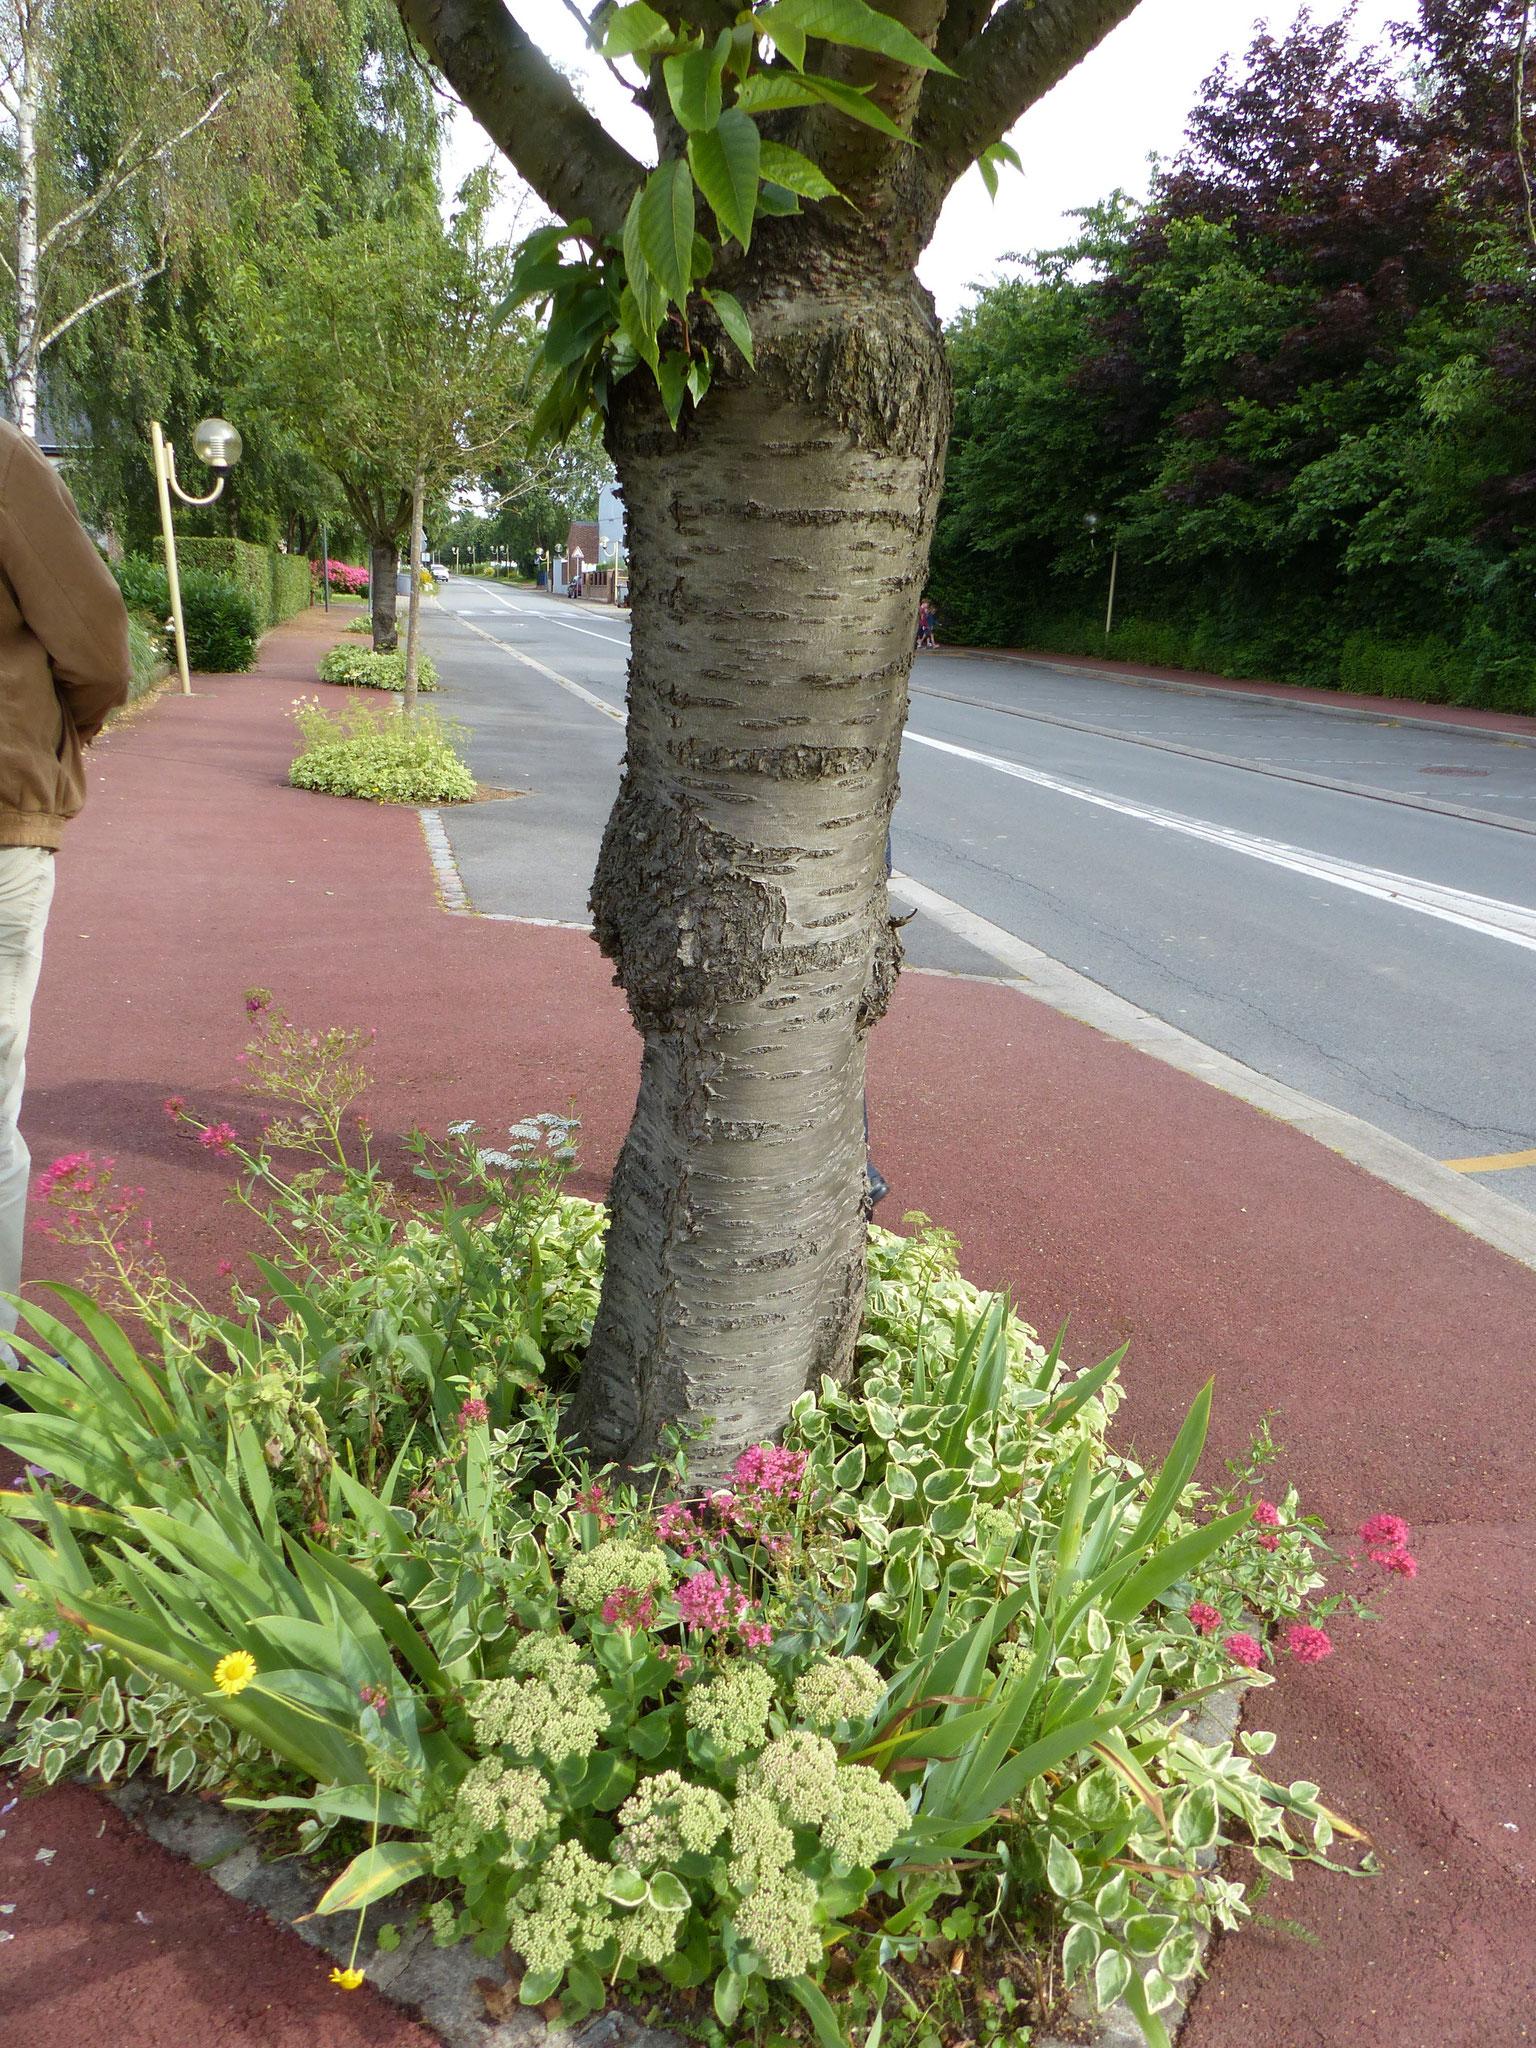 Le massif fleuri autour de l'arbre à Englos conserve l'eau en plus d'être esthétique